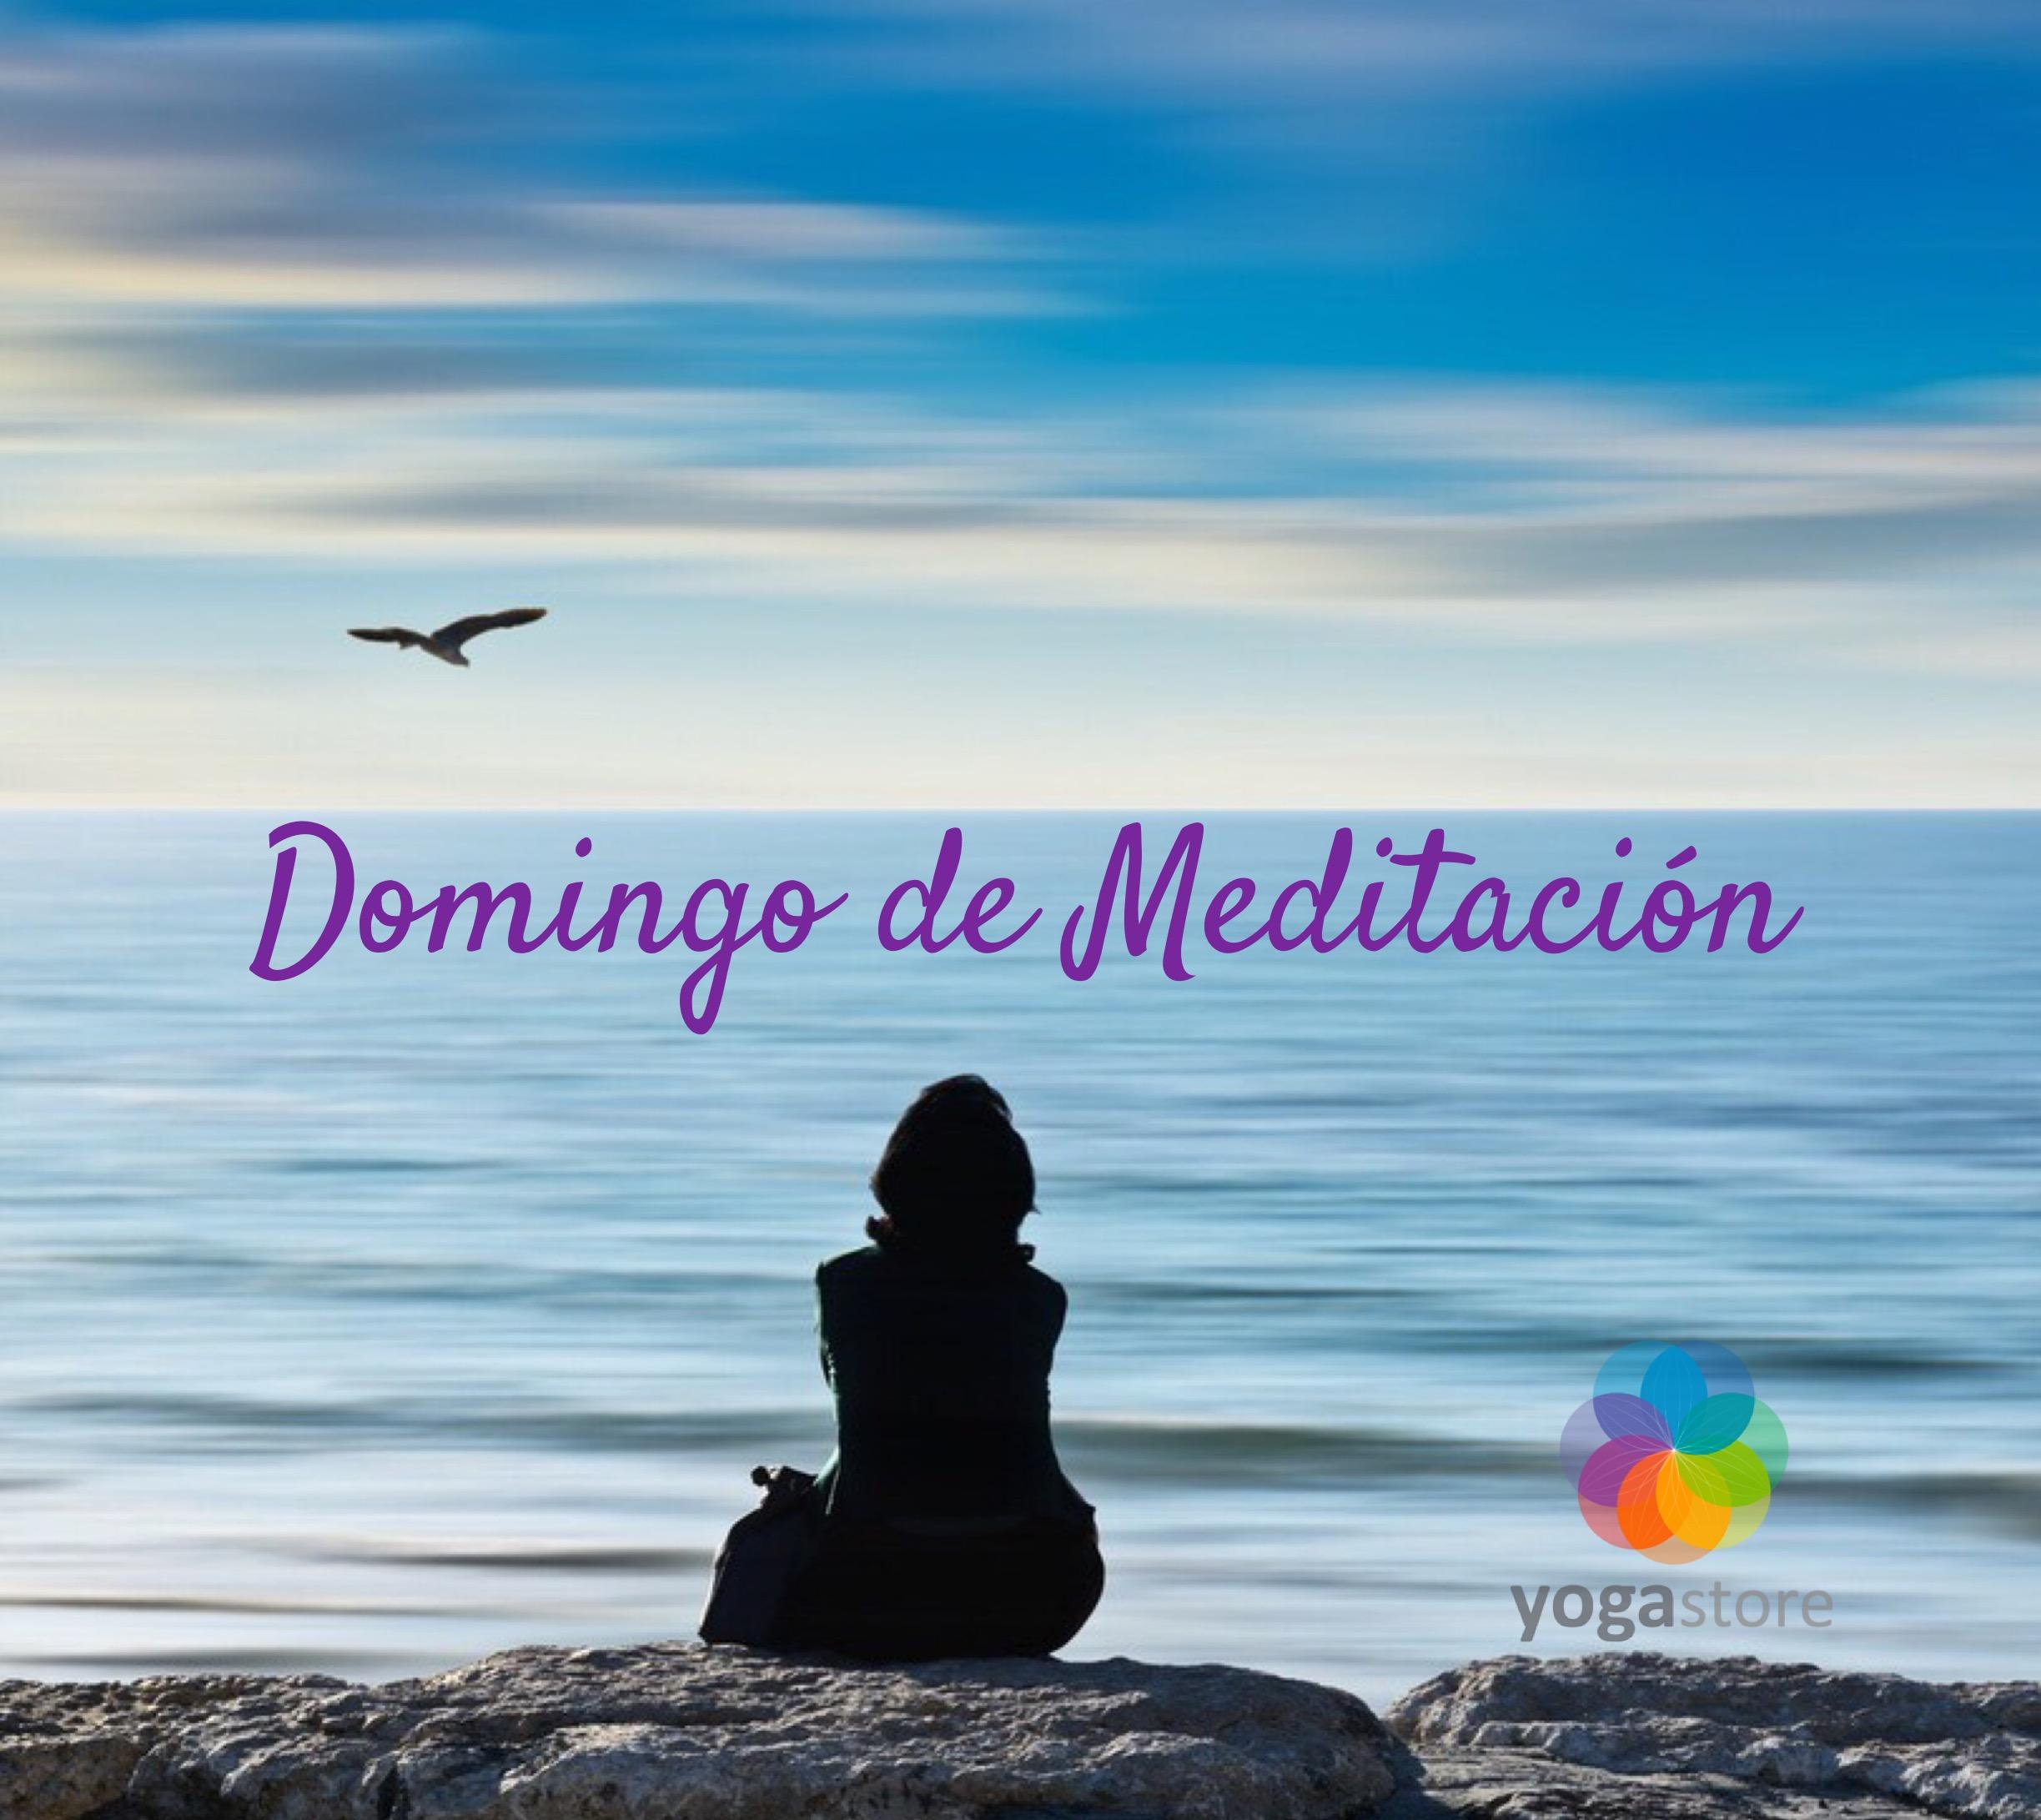 domingo de meditación